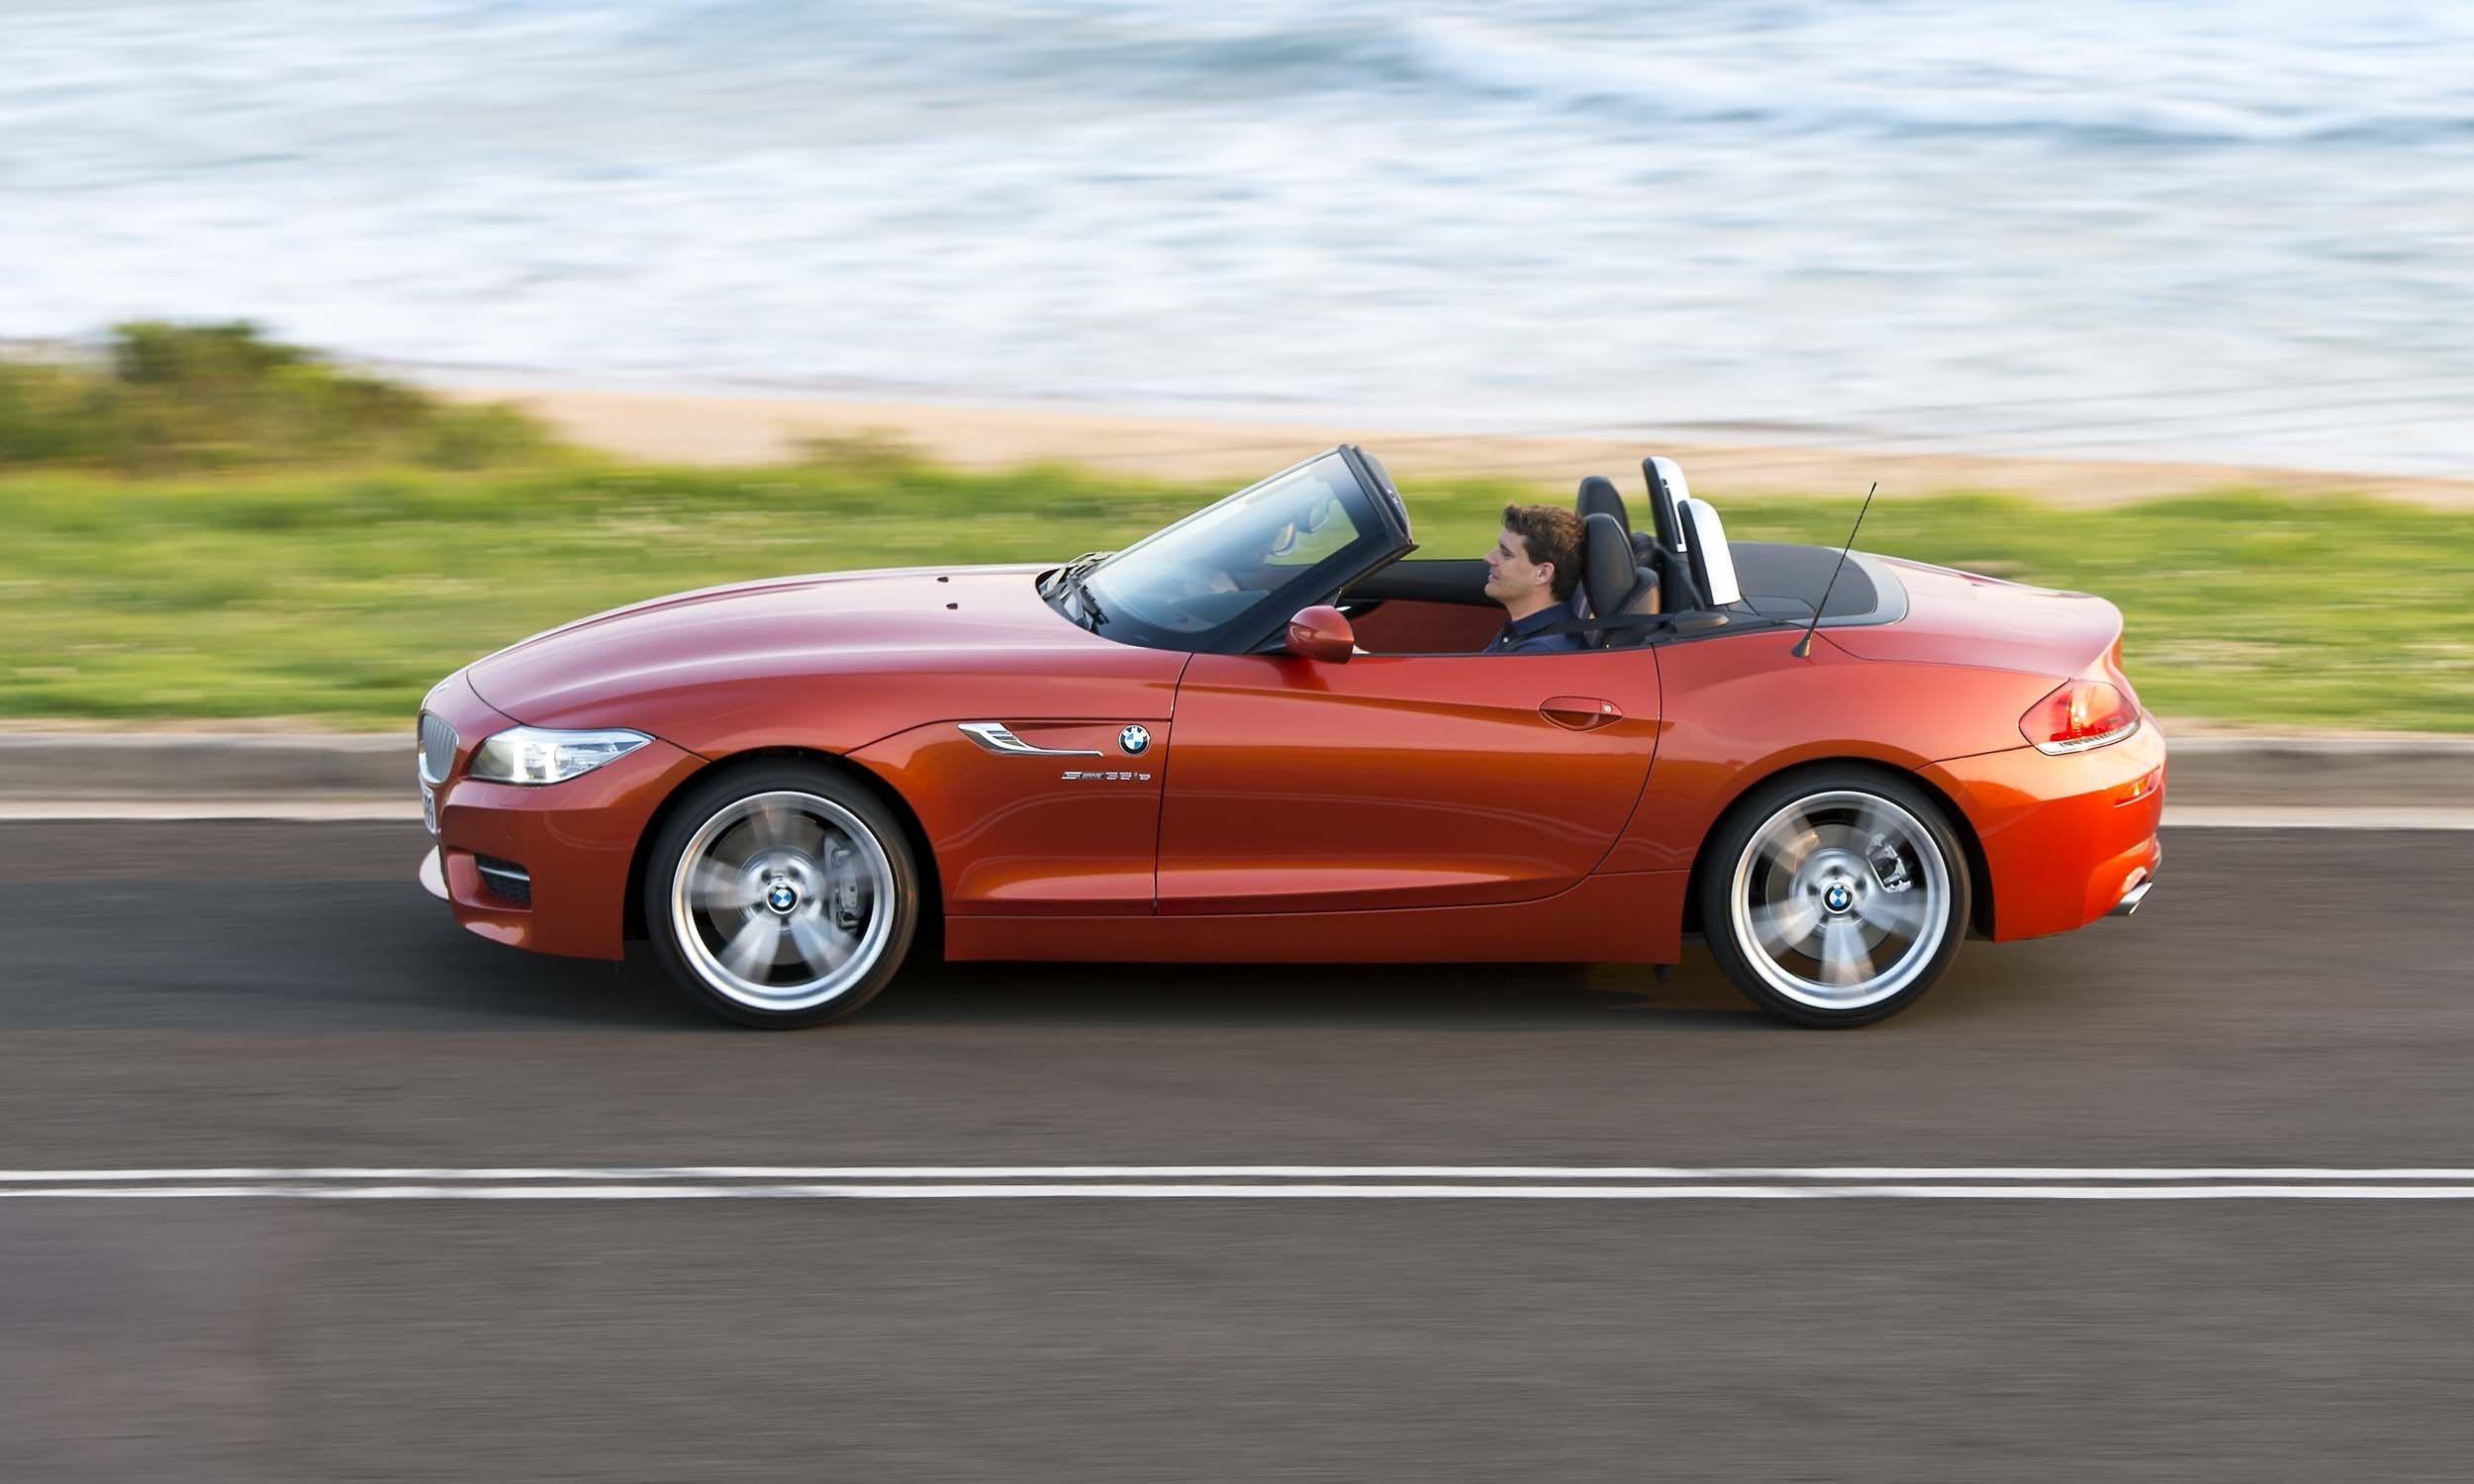 Best Two Seater Sports Car New Release Bmw Bmw Z4 Bmw Z4 Roadster